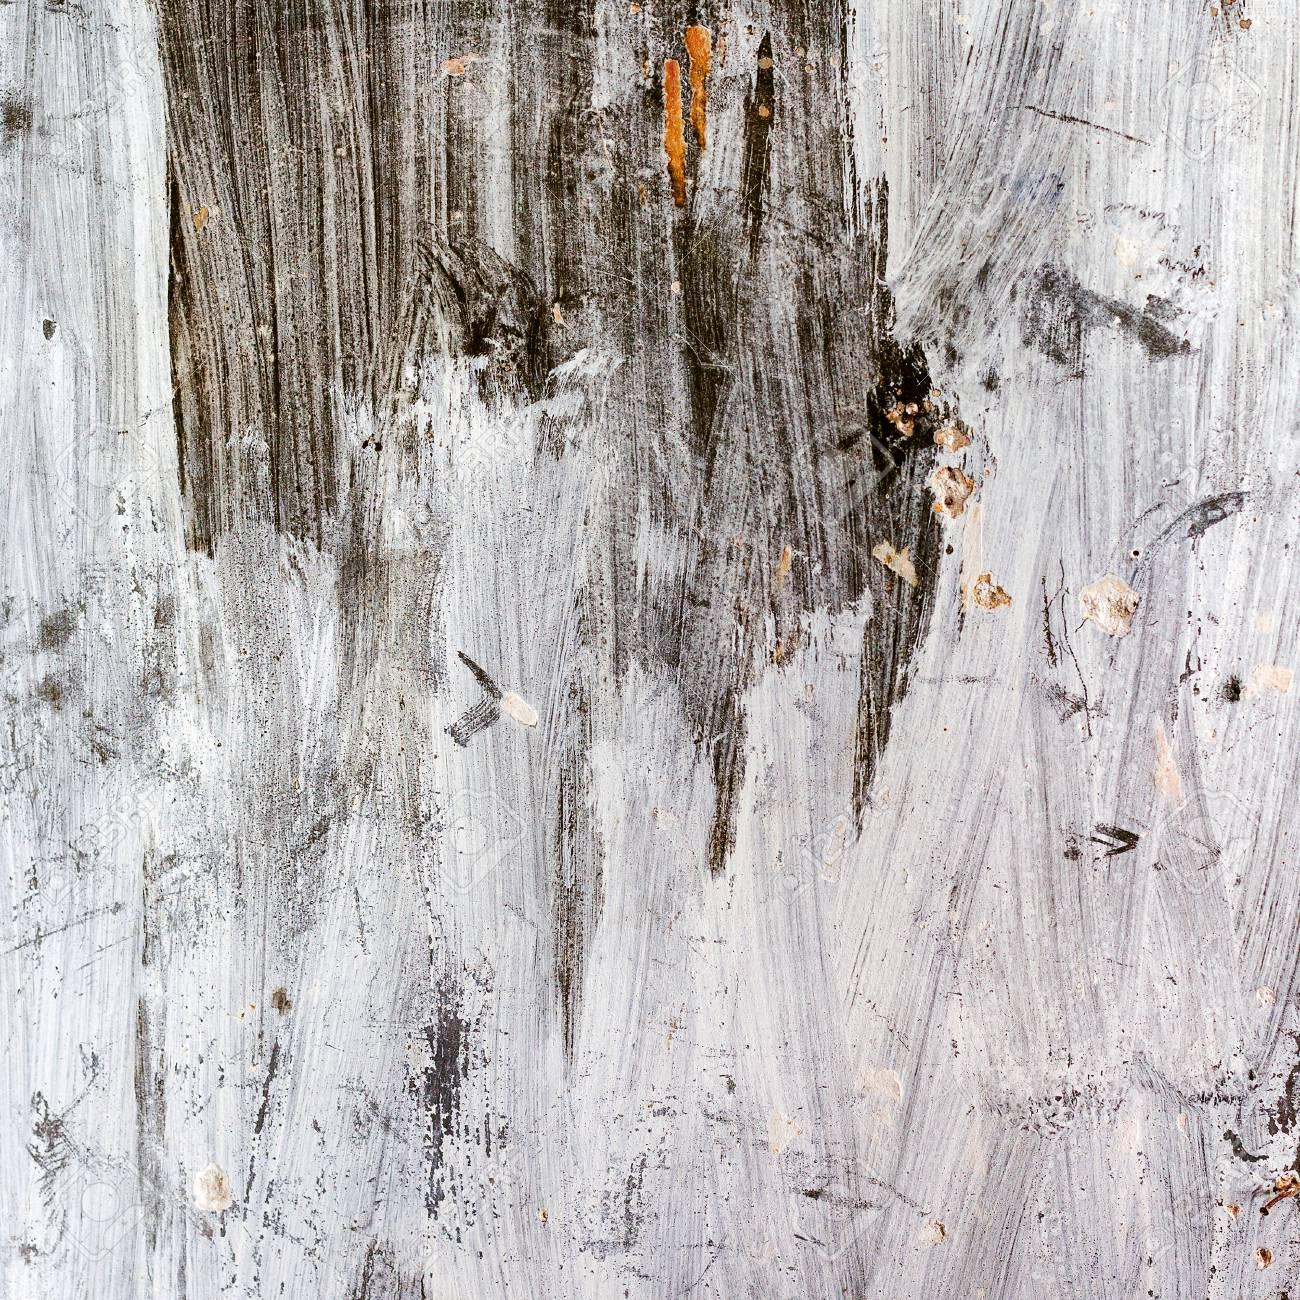 Fond Abstrait Mur De Béton Sombre Avec Désinvolture Peint Peinture Vert Foncé A Mûri Avec Des Fissures Et Des Rayures Dans Le Mur Martelé Un Clou